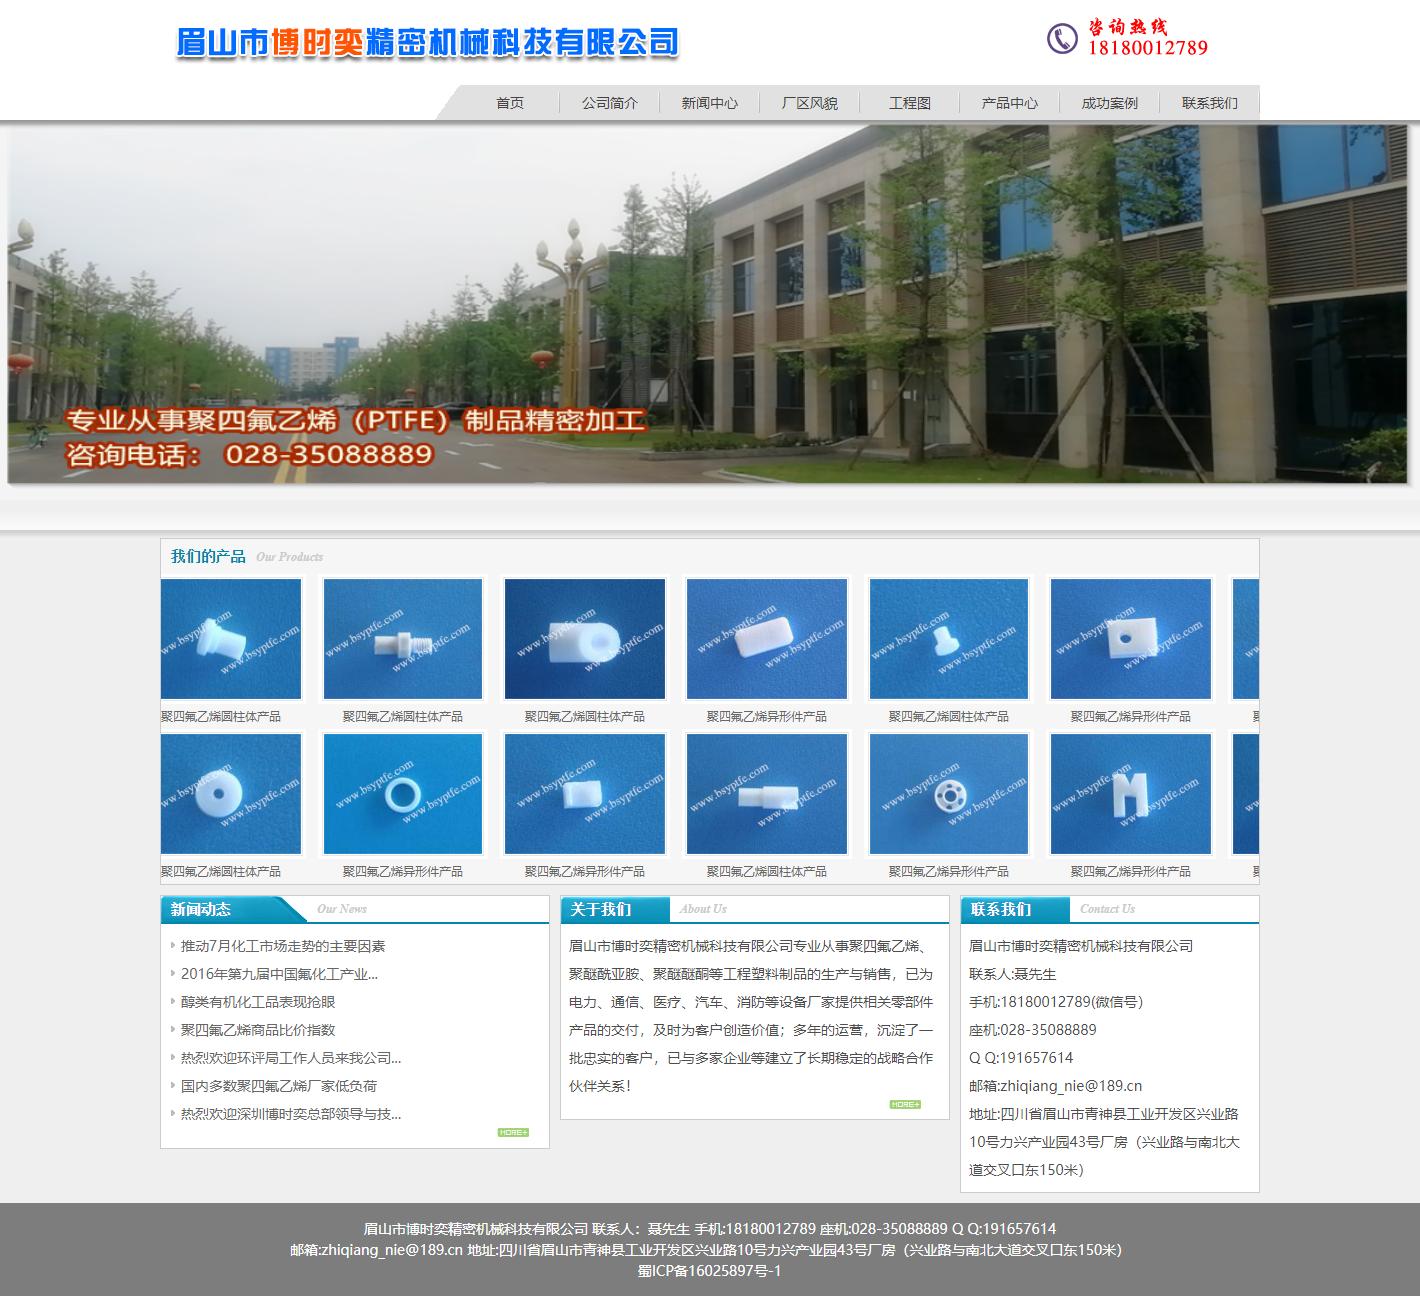 眉山市博时奕精密机械科技有限公司网站案例